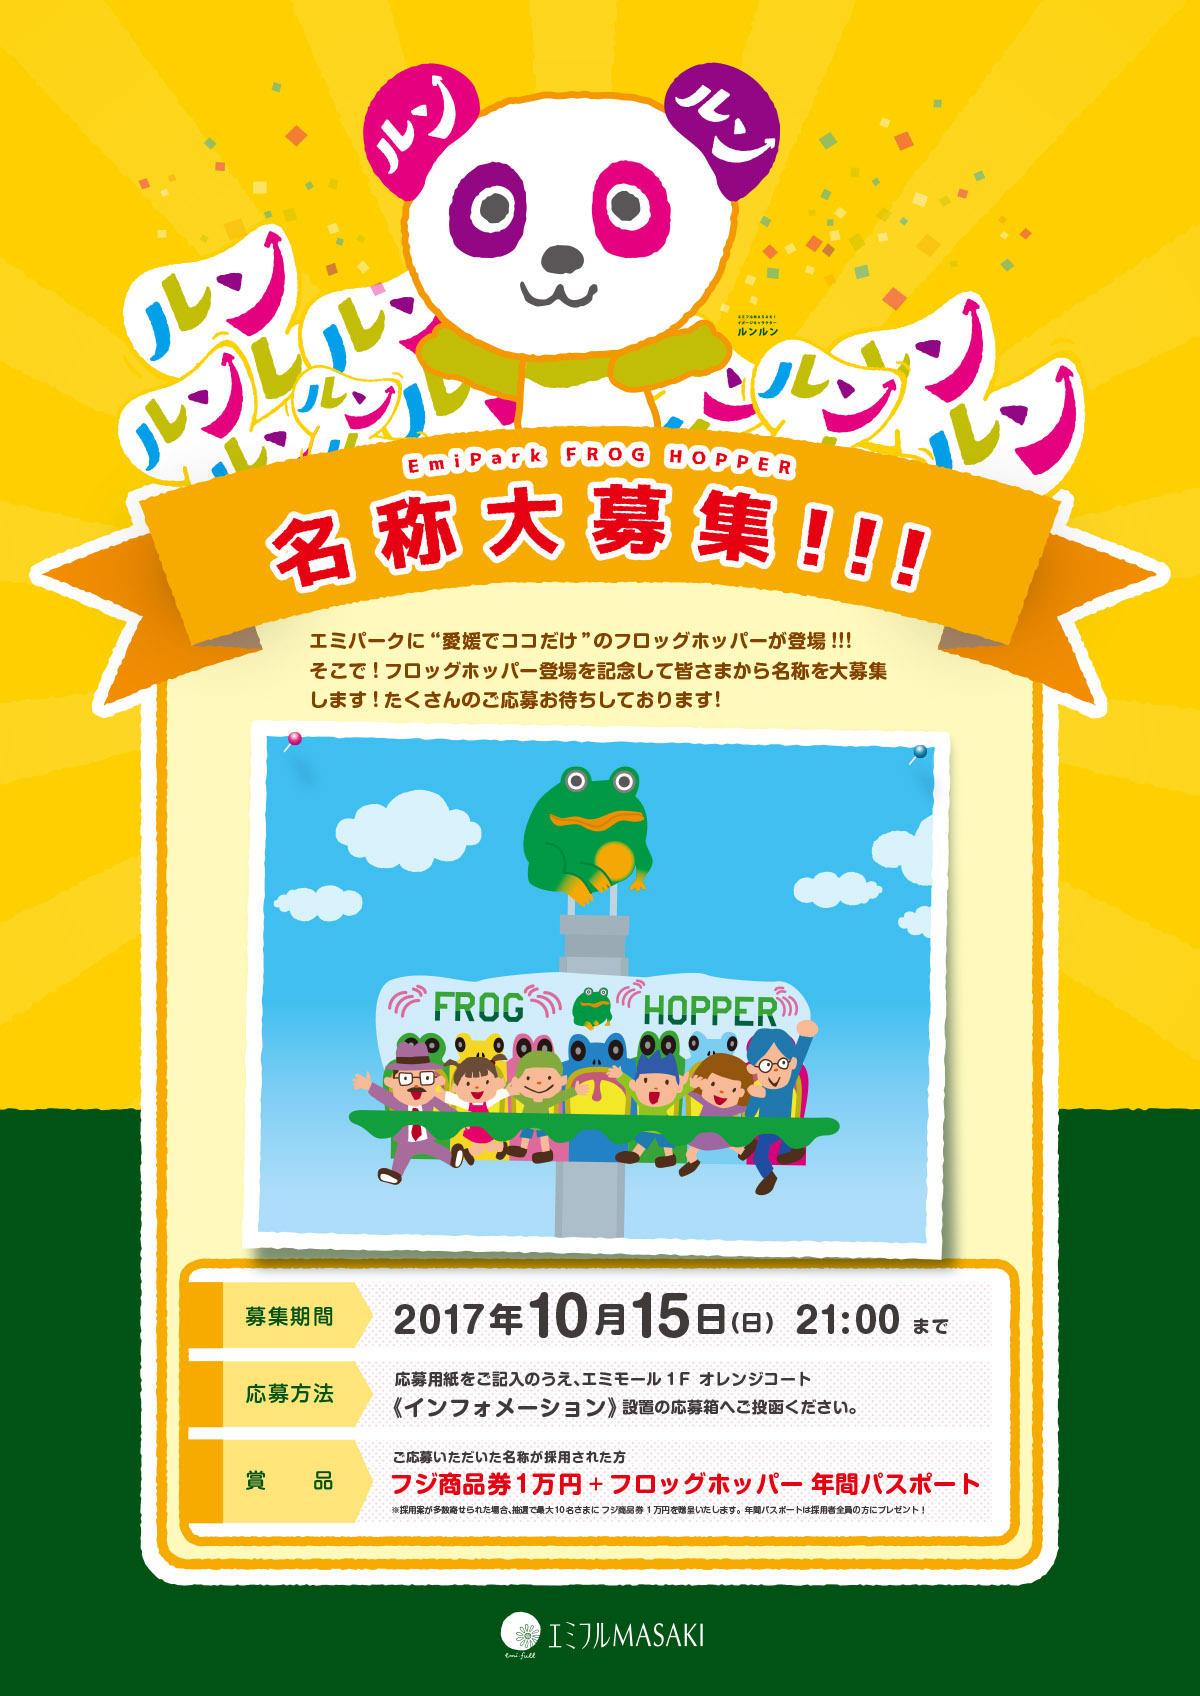 https://emifull.jp/news/56b4c2e761b8a941cbe5d1f6211355ca0cb435f6.jpg